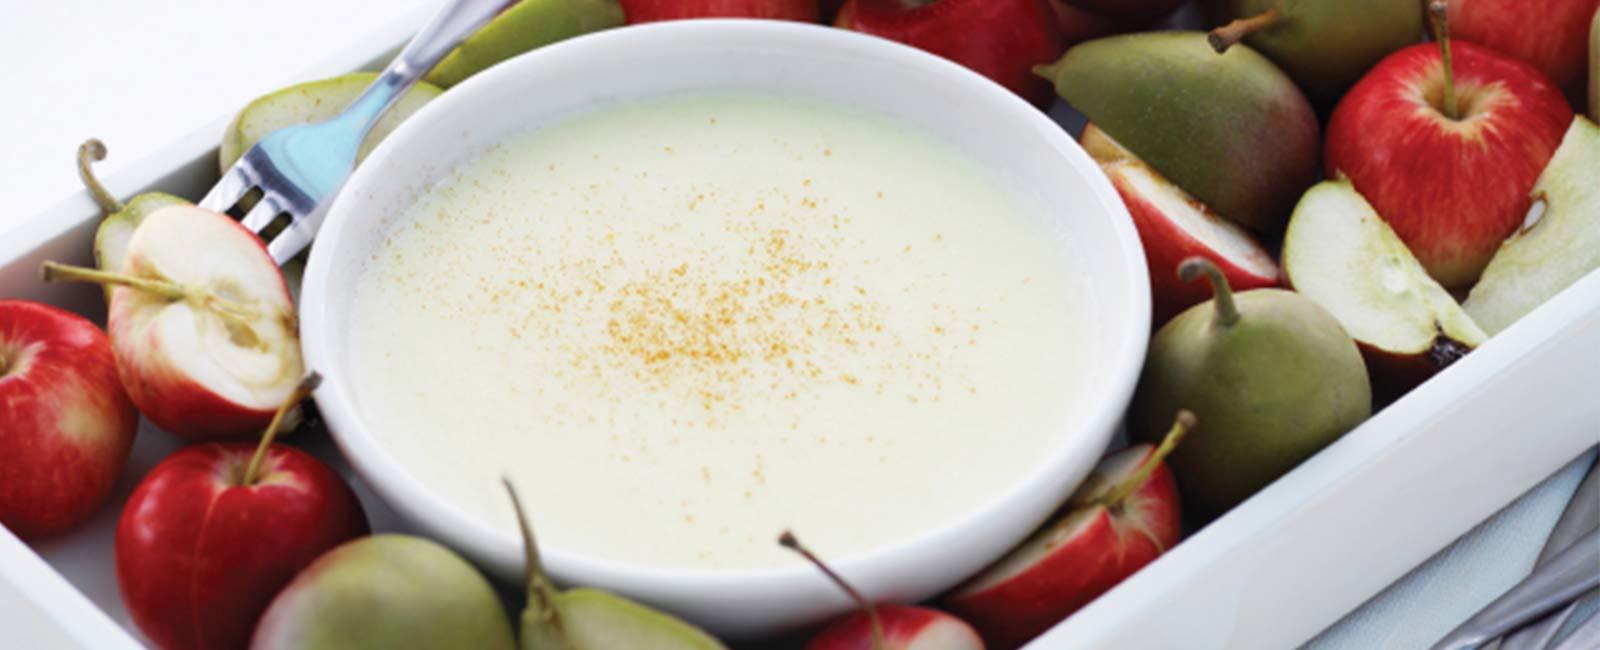 Creamy Cheddar Spread